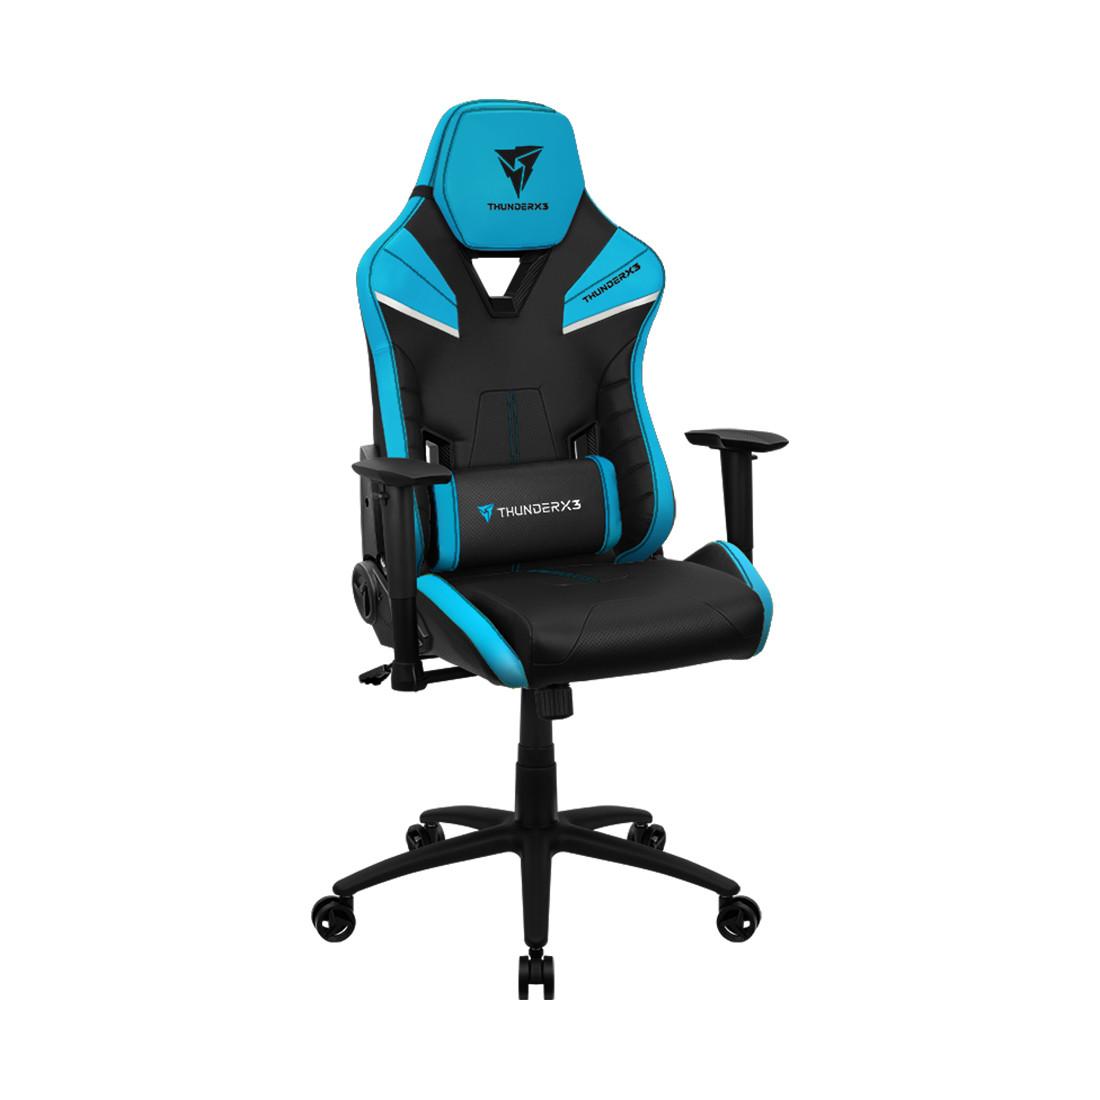 Игровое компьютерное кресло ThunderX3 TC5-Azure Blue - фото 1